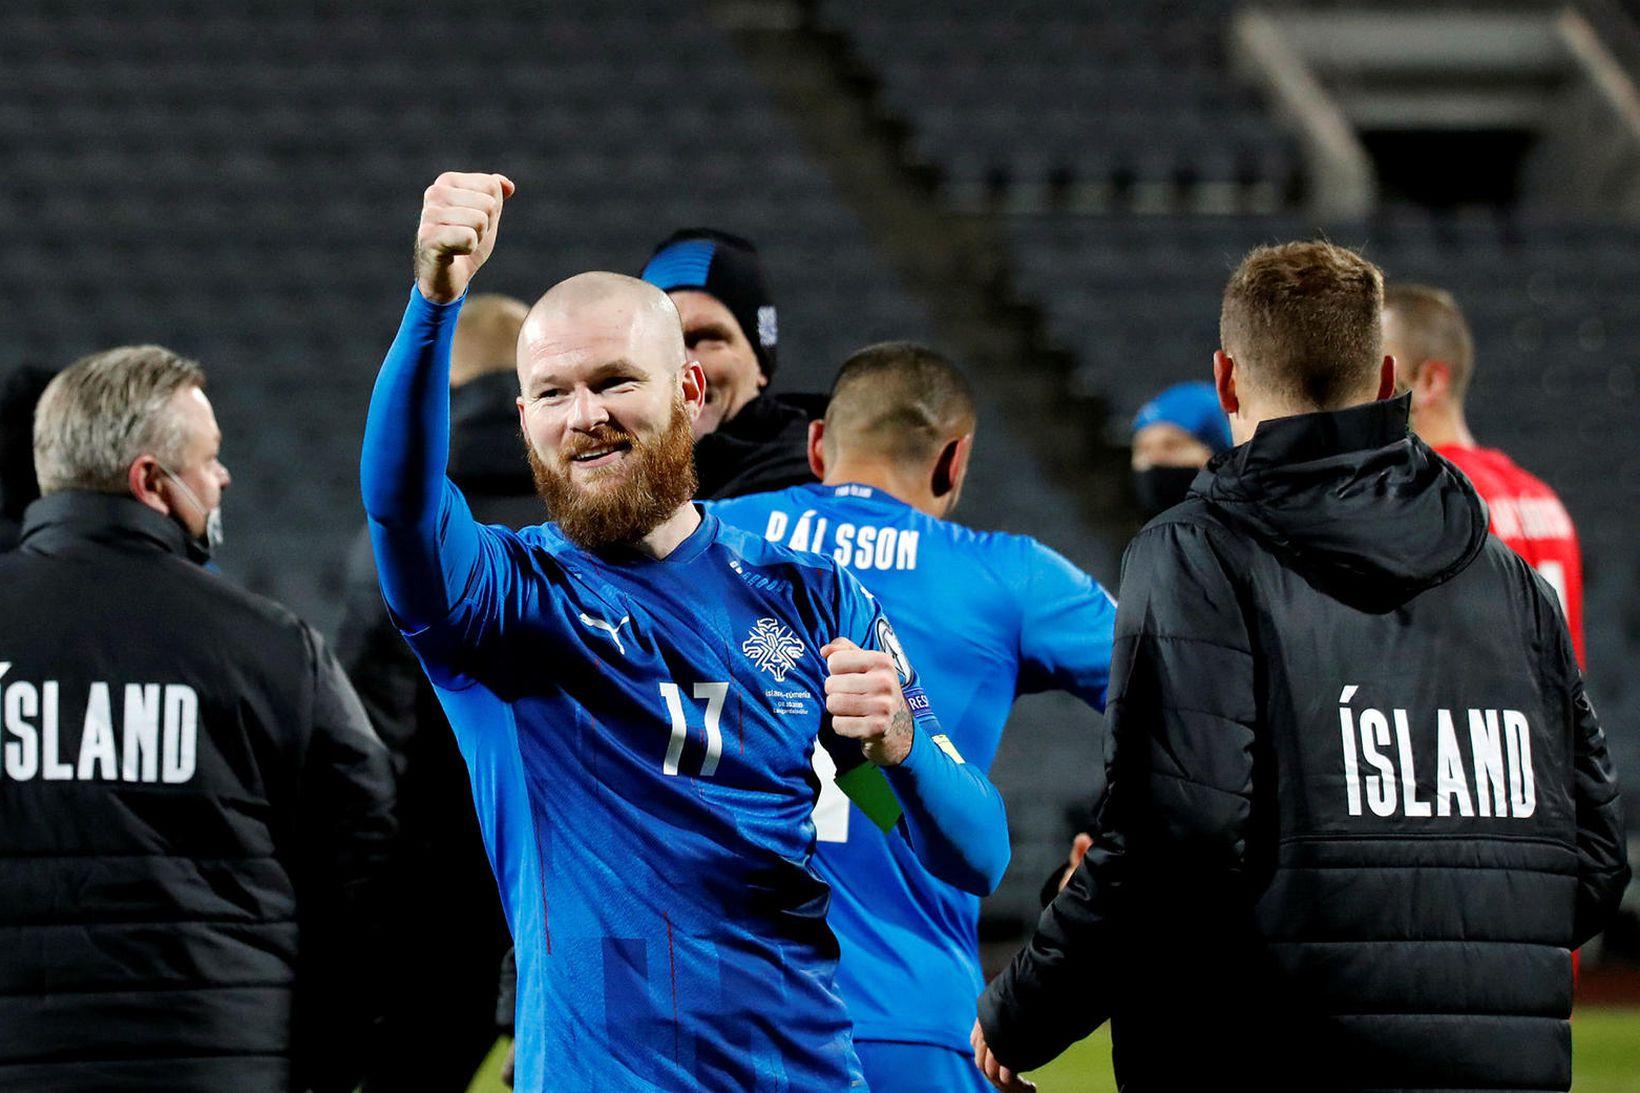 Aron Einar Gunnarsson hefur verið fyrirliði íslenska karlalandsliðsins frá 2012.